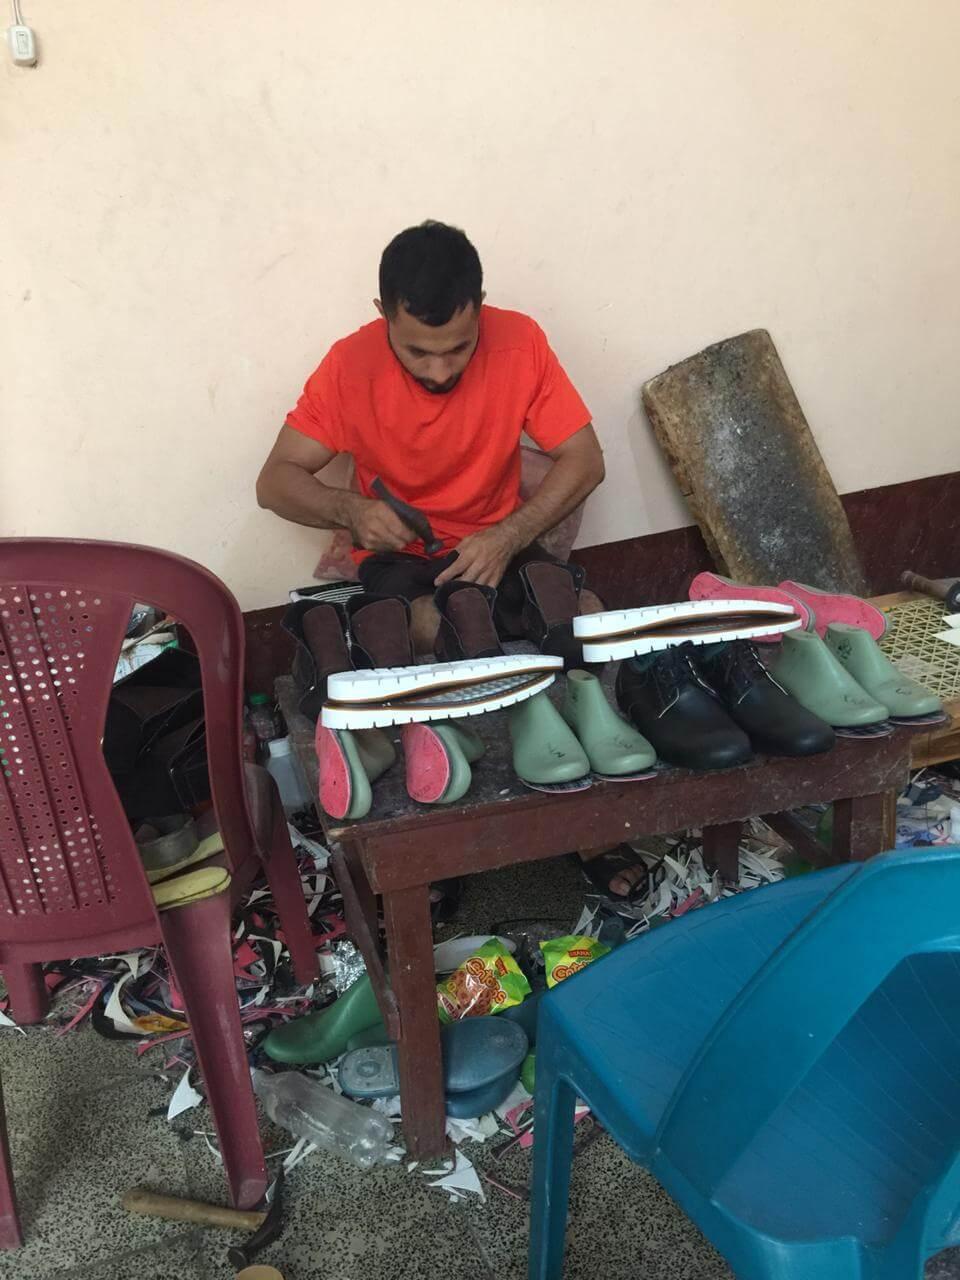 Duque's shoes. Gilber creando zapatos.